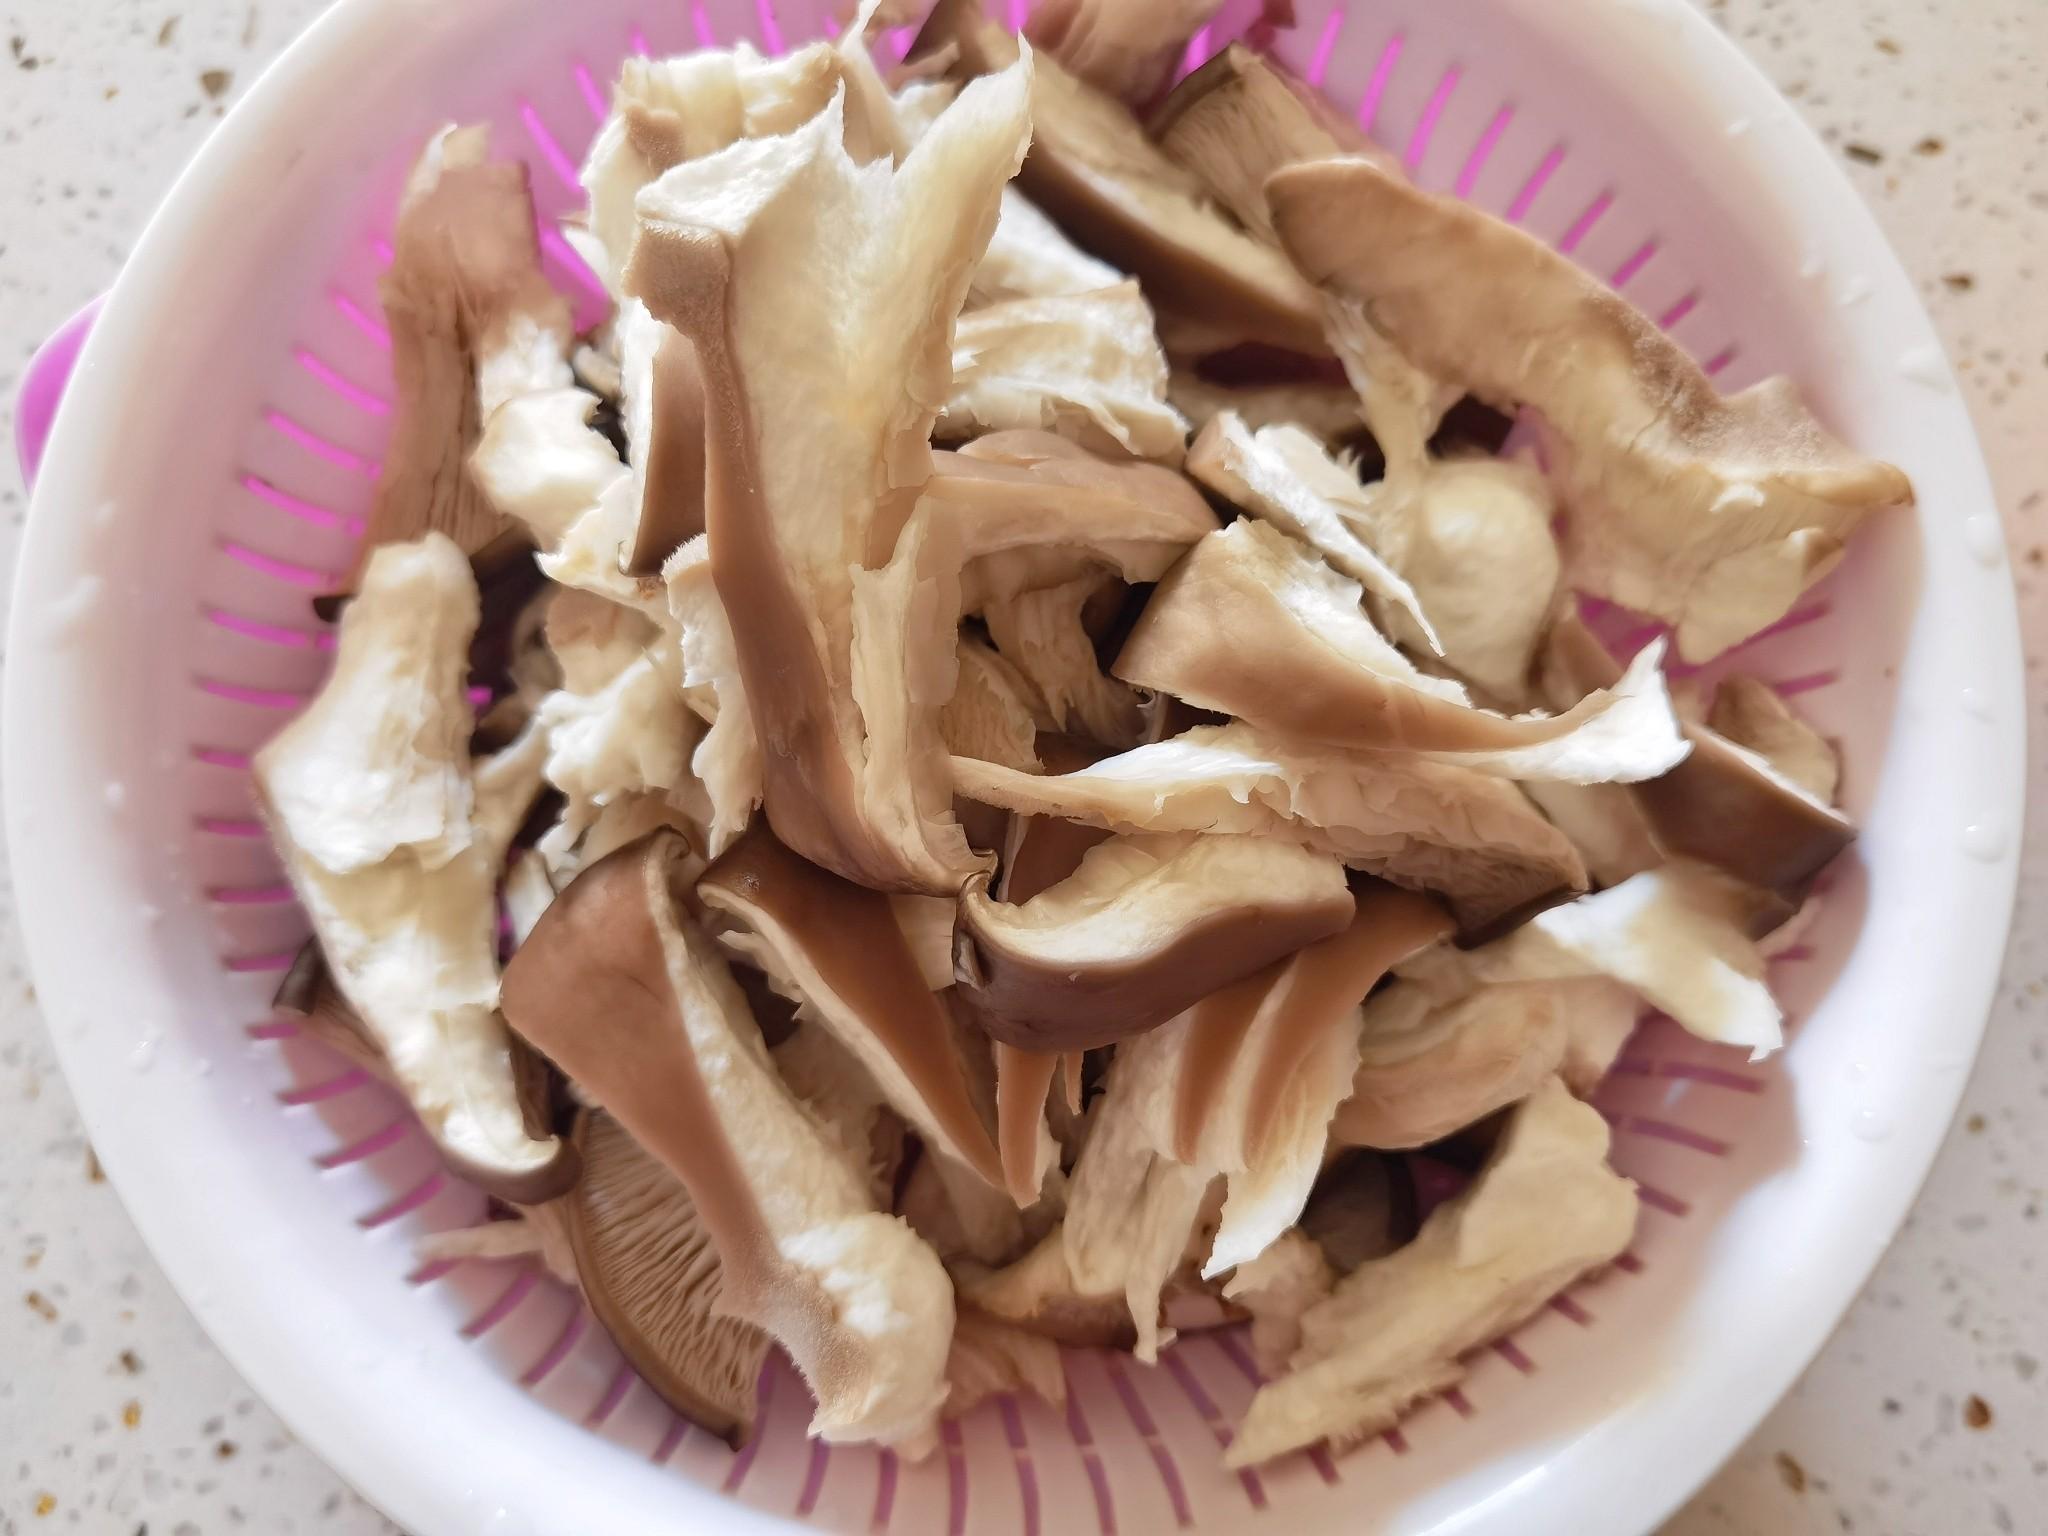 蘑菇新吃法-滑嫩鲜香辣炒孜然蘑菇,我竟然吃出了烤肉味的做法大全